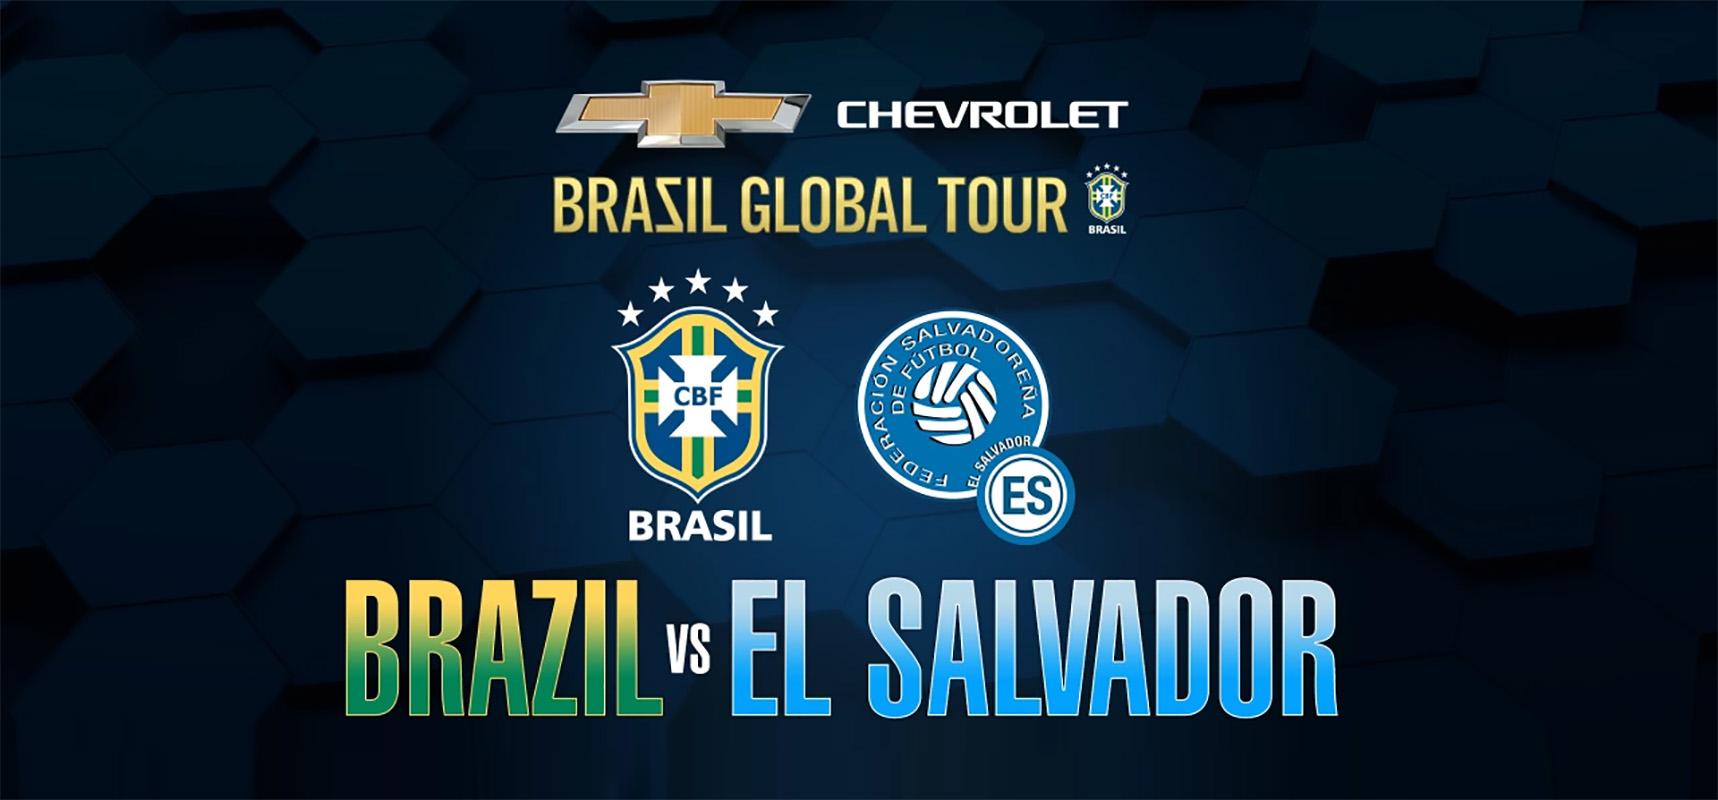 Brazil_ElSal.jpg